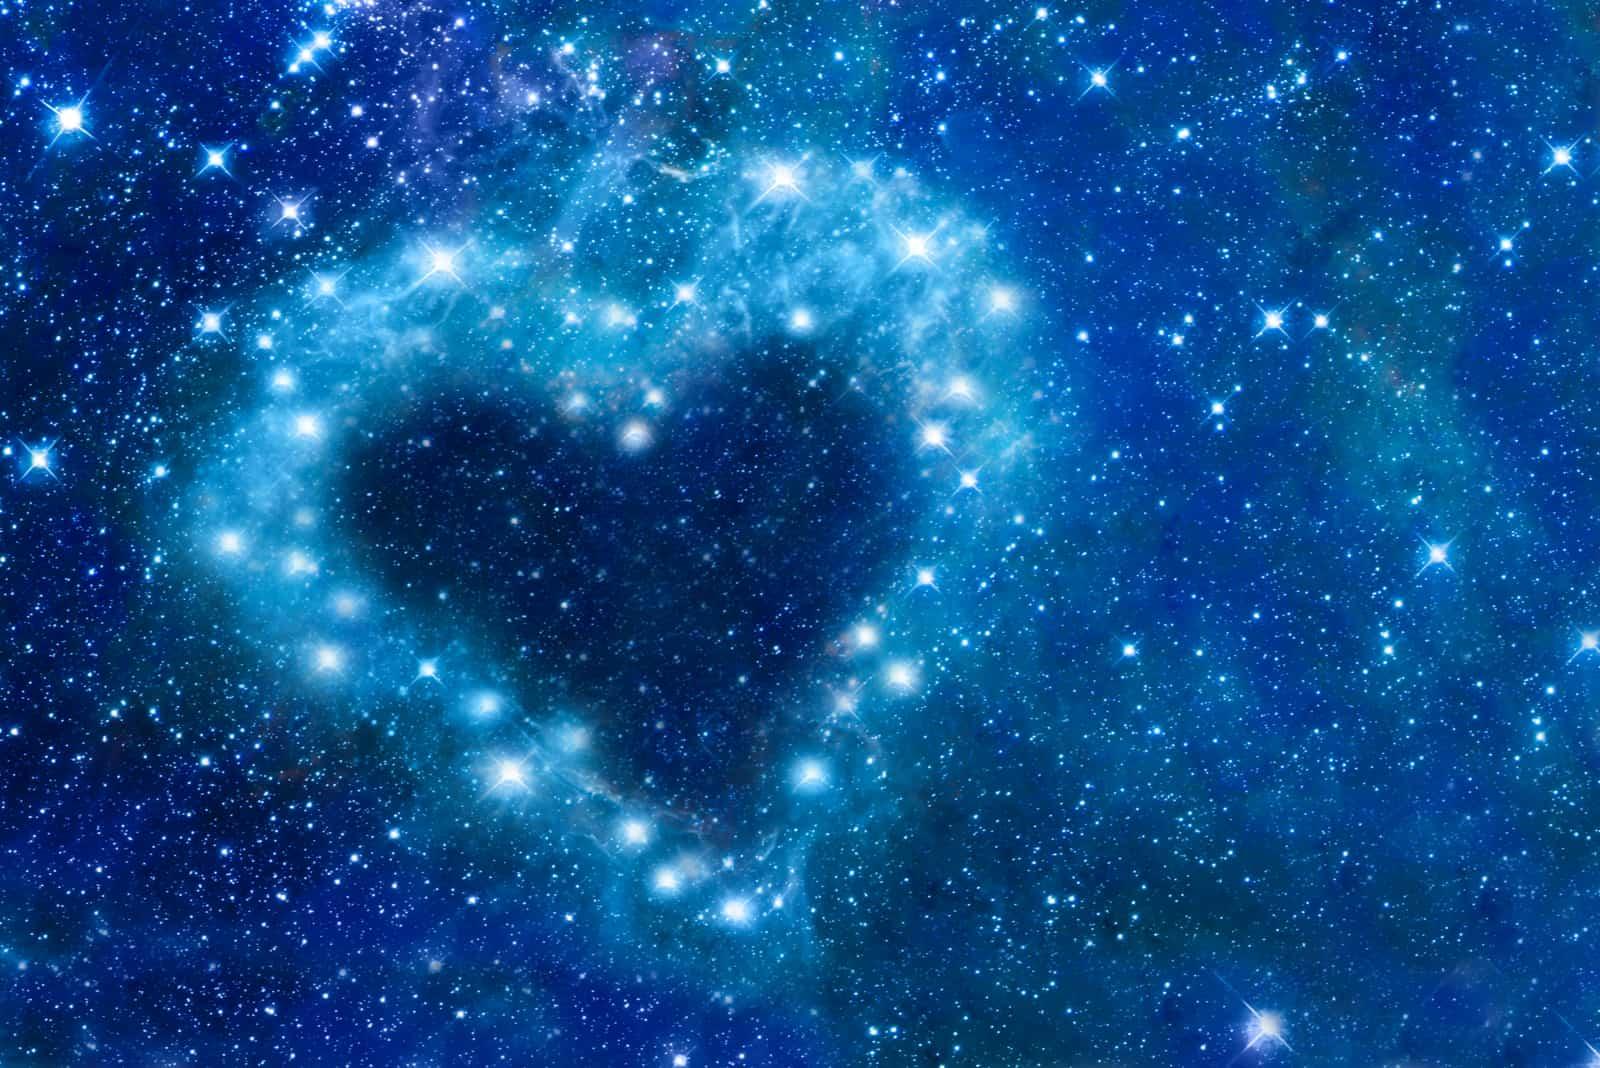 Helle Sterne in einem Nachthimmel in Form eines Herzens angeordnet